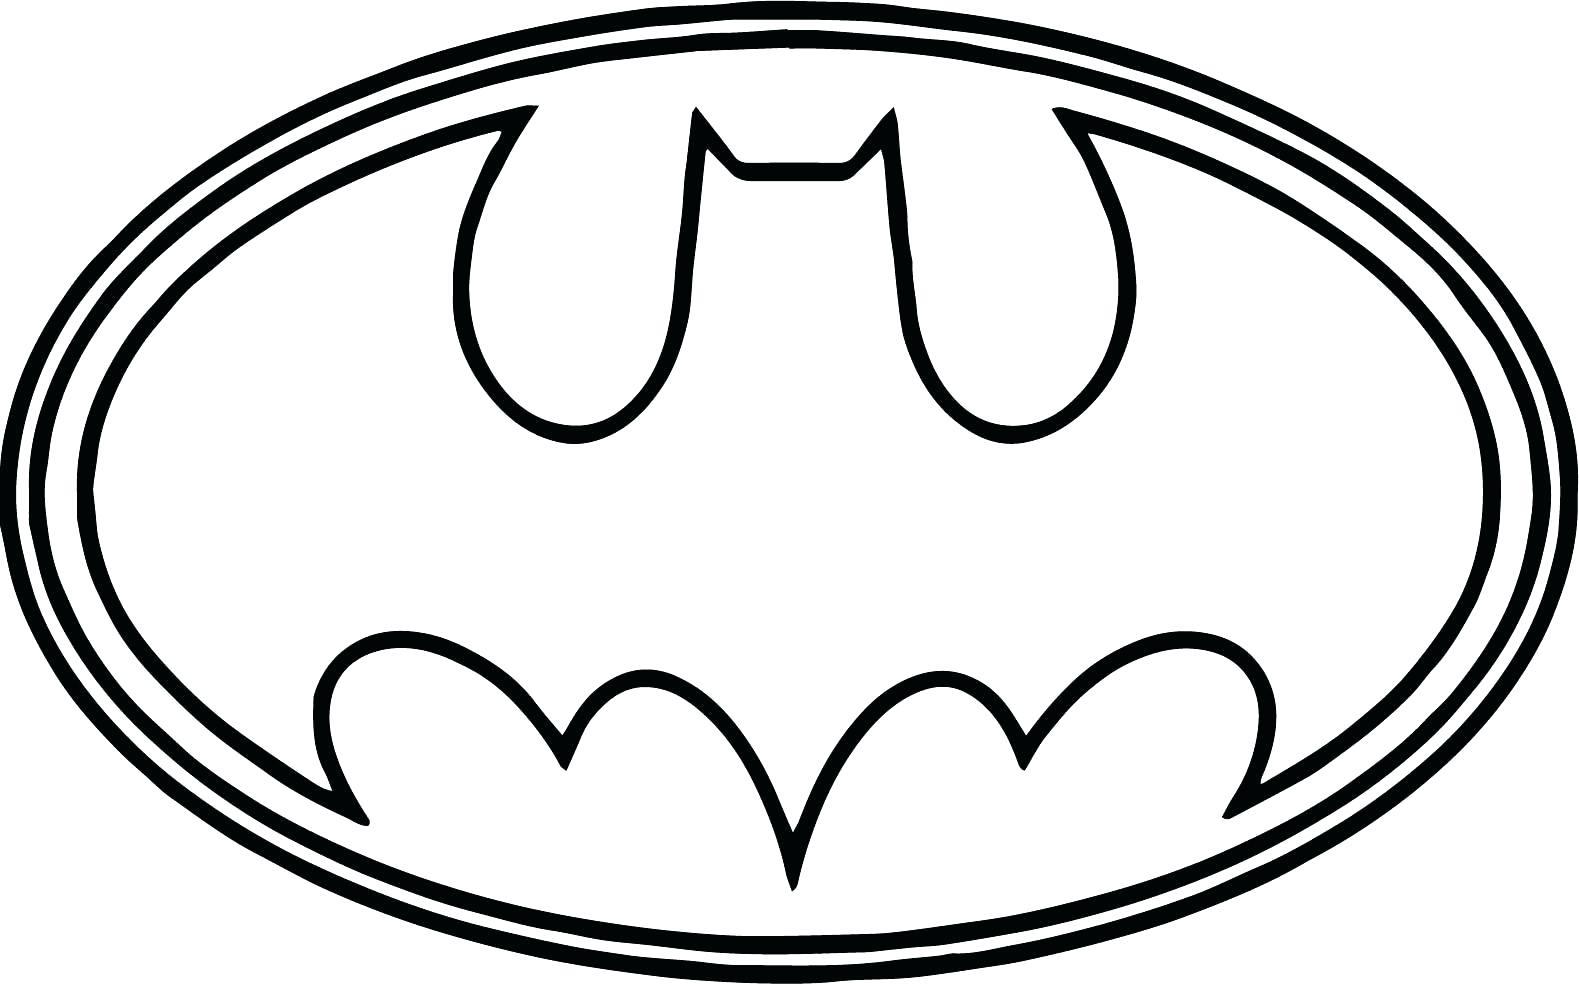 1579x984 Fundamentals Batman Logo Coloring Pages Drawin